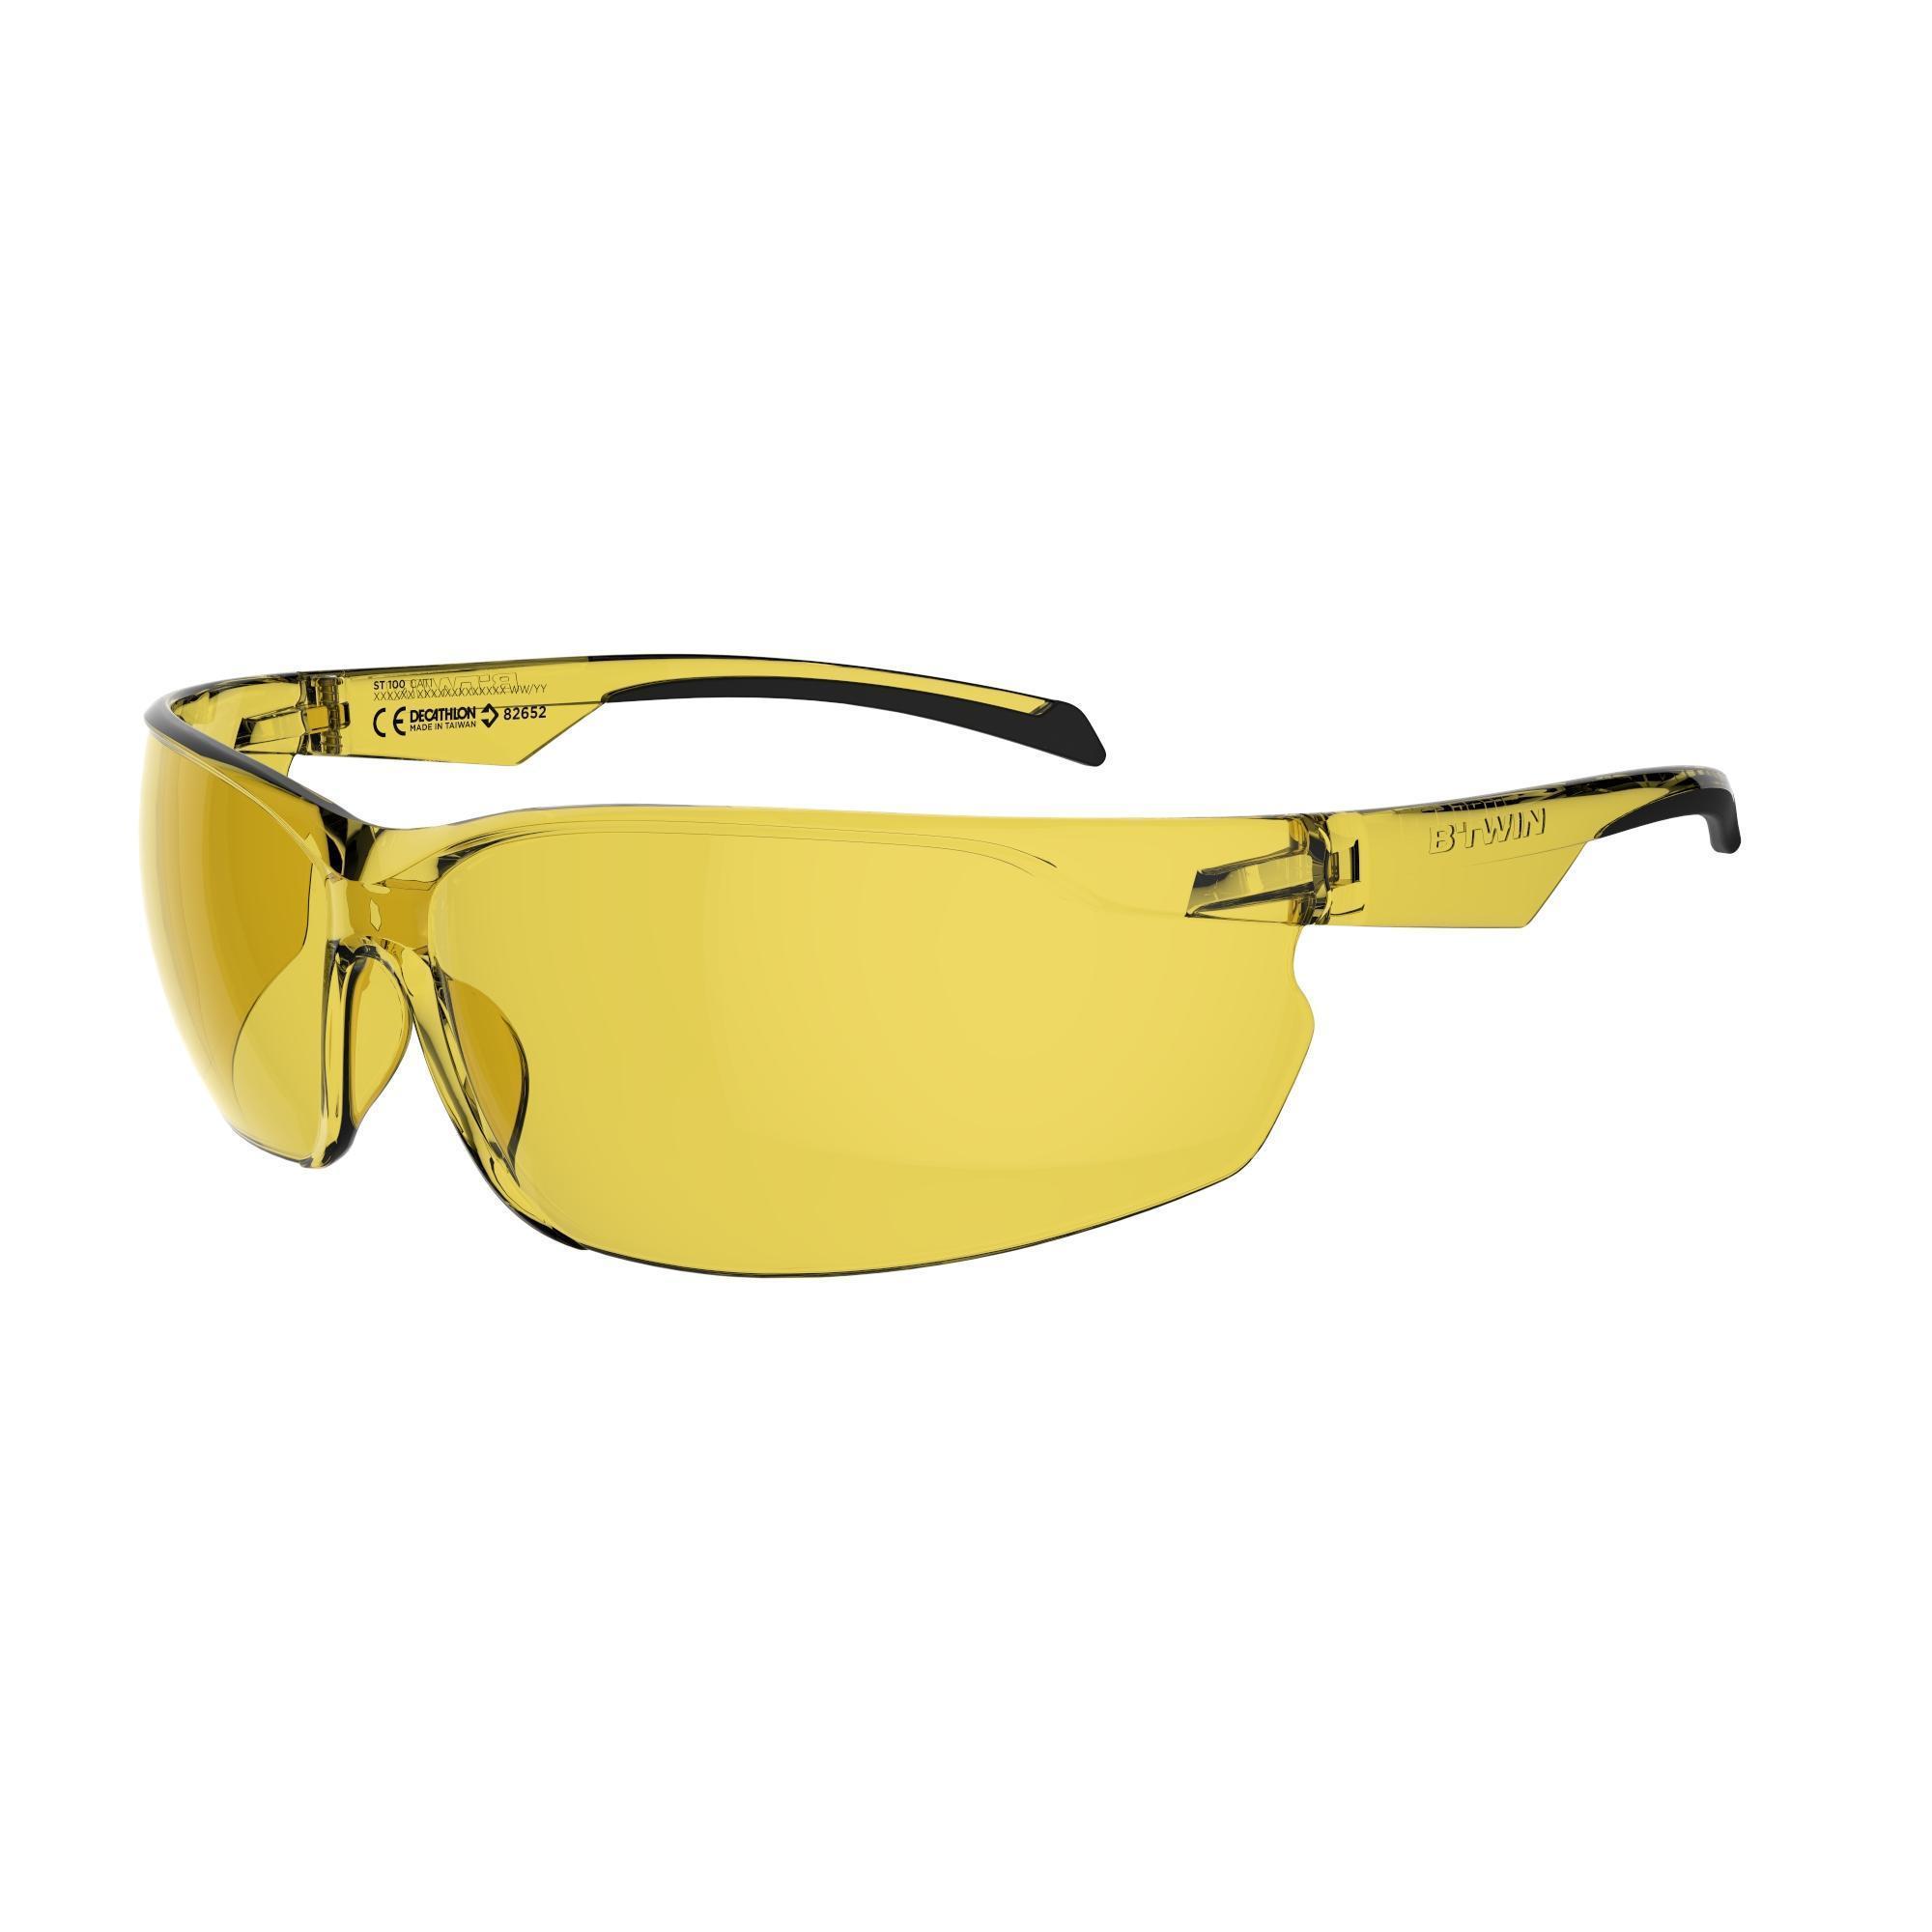 Rockrider Fietsbril voor volwassenen ST 100 geel categorie 1 kopen? Sport>Sportbrillen>Zonnebrillen met voordeel vind je hier